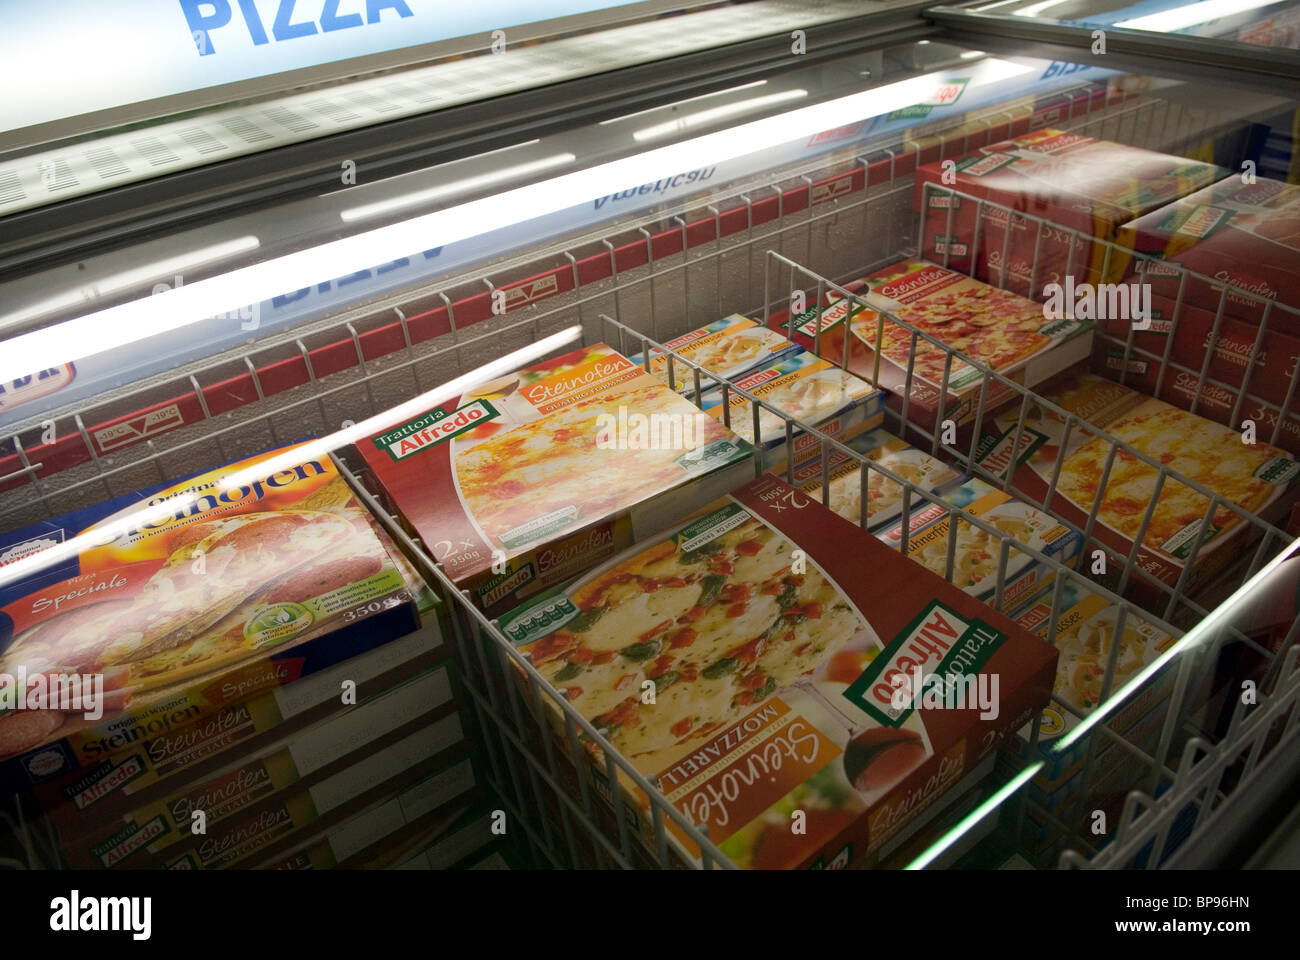 Aldi Kühlschrank 129 Euro : Aldi kühlschrank euro gardenline gartenhäcksler für u ac bei